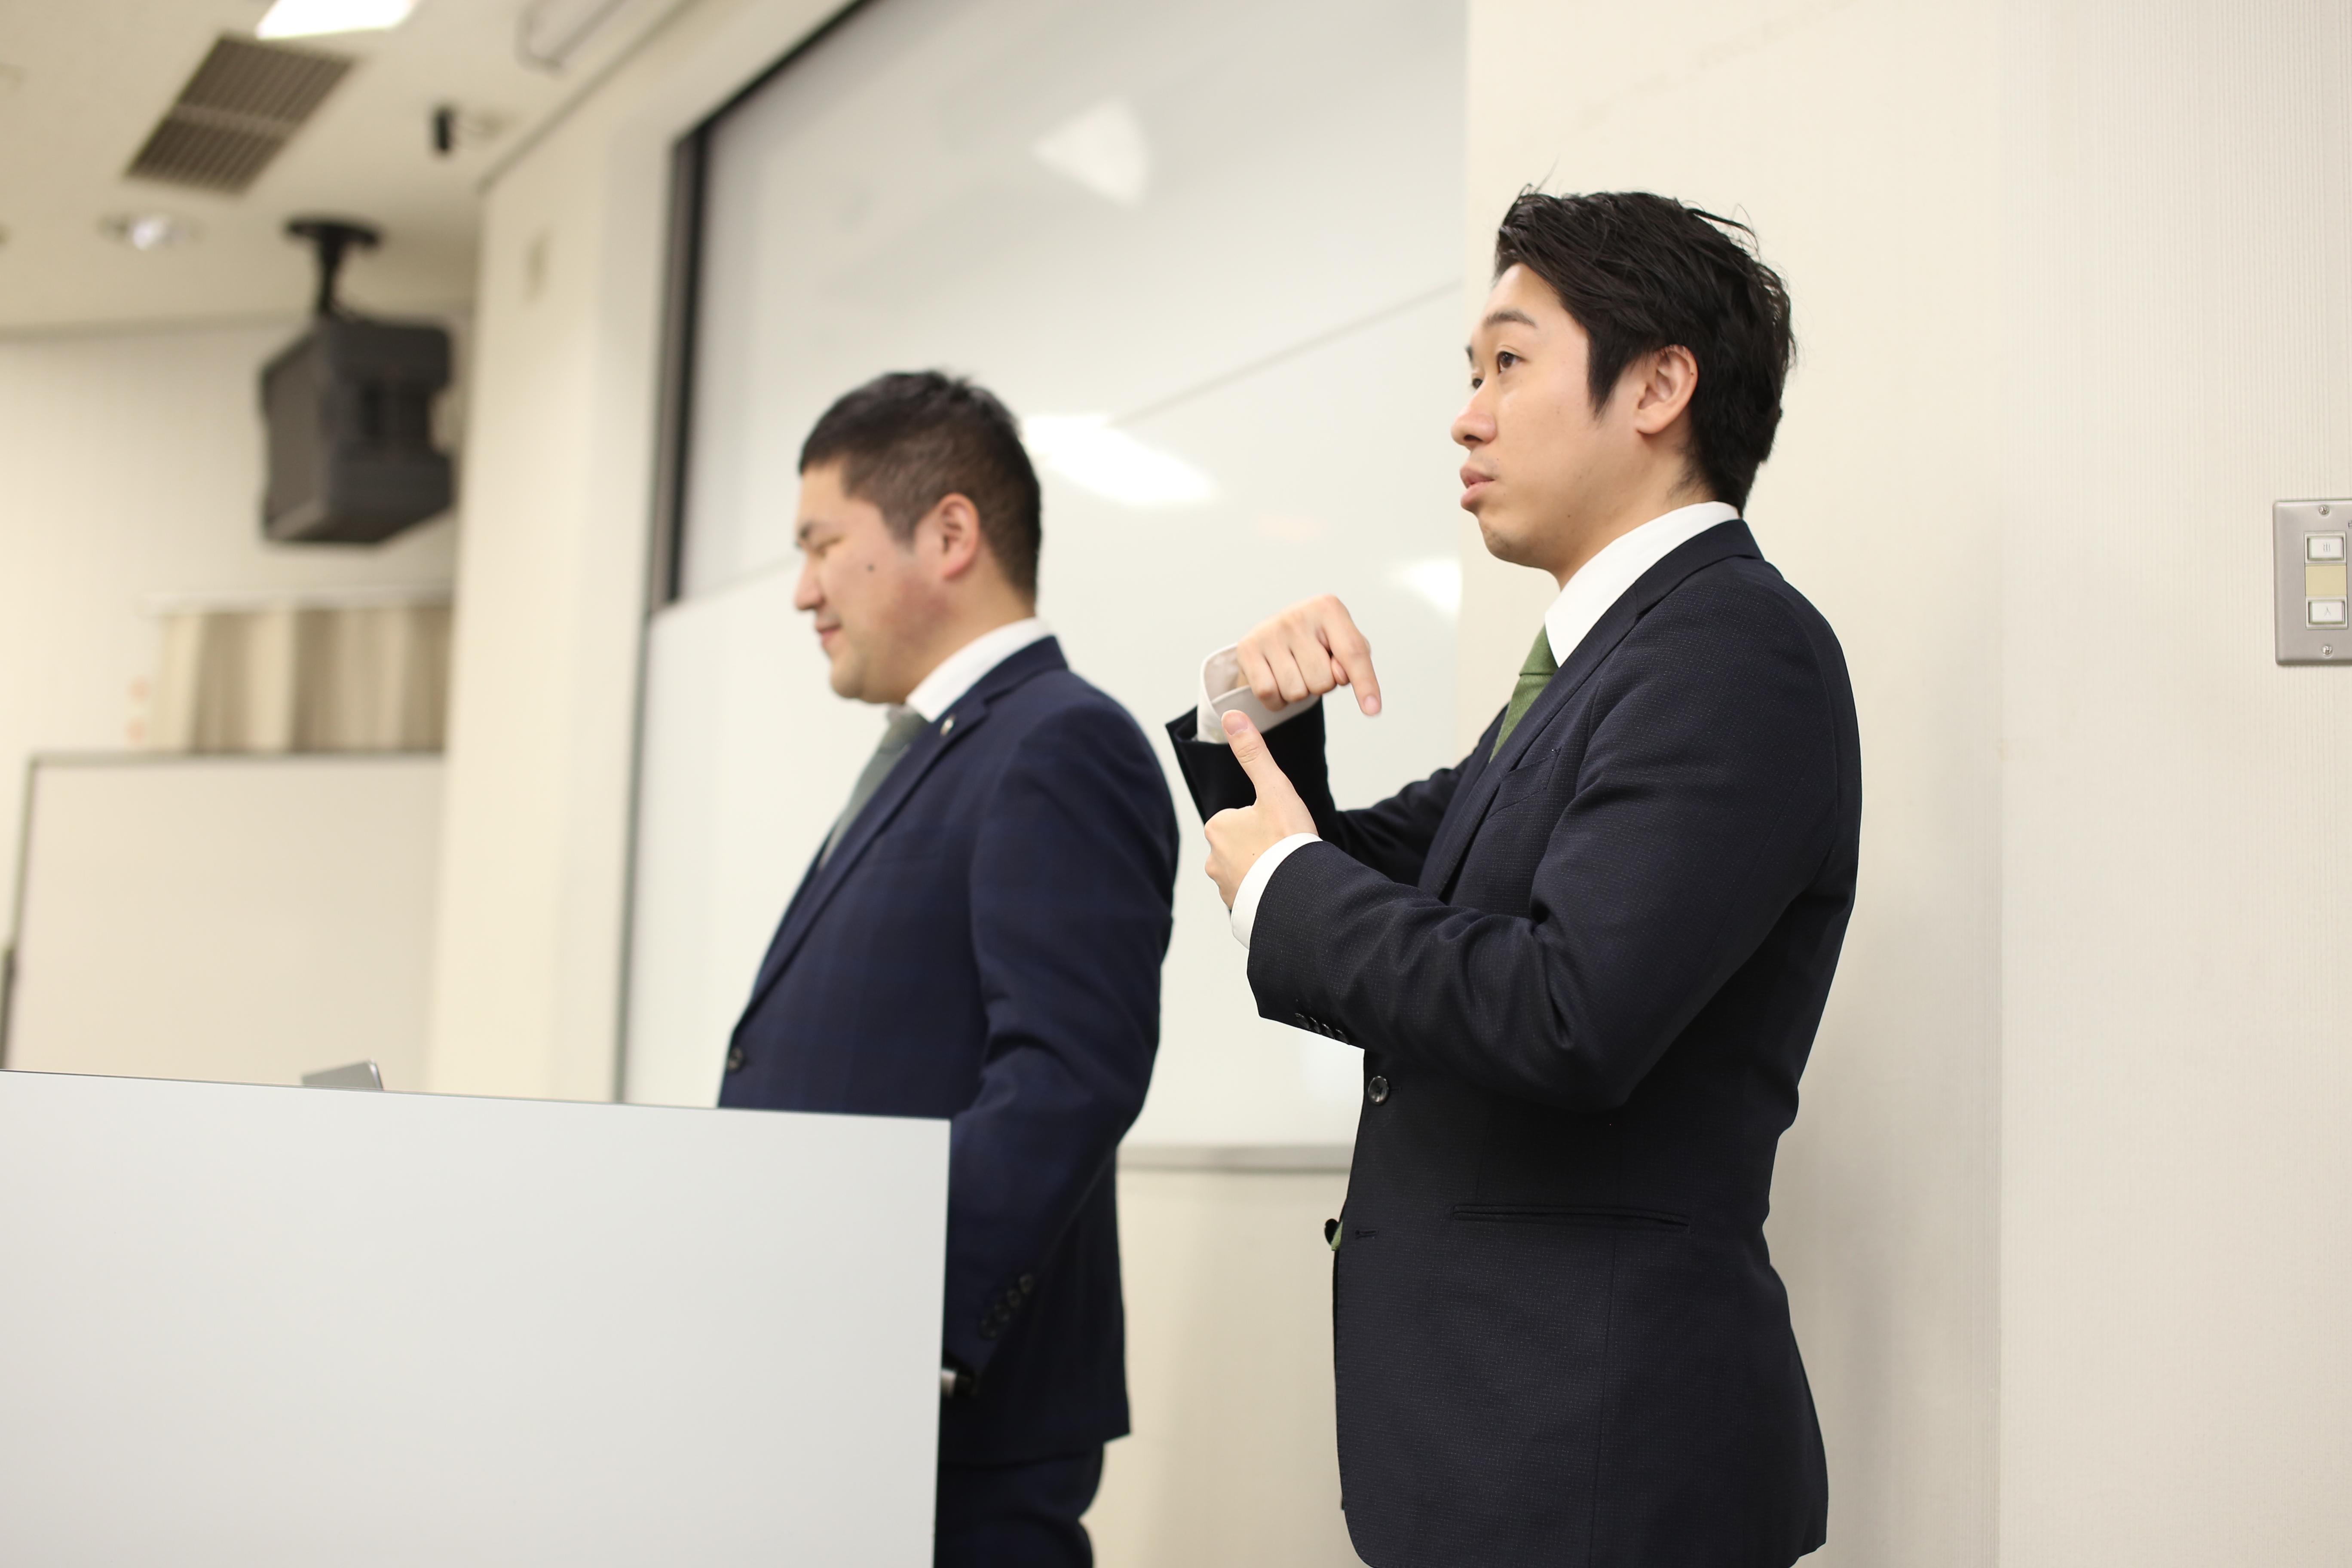 【写真】手話通訳をする様子